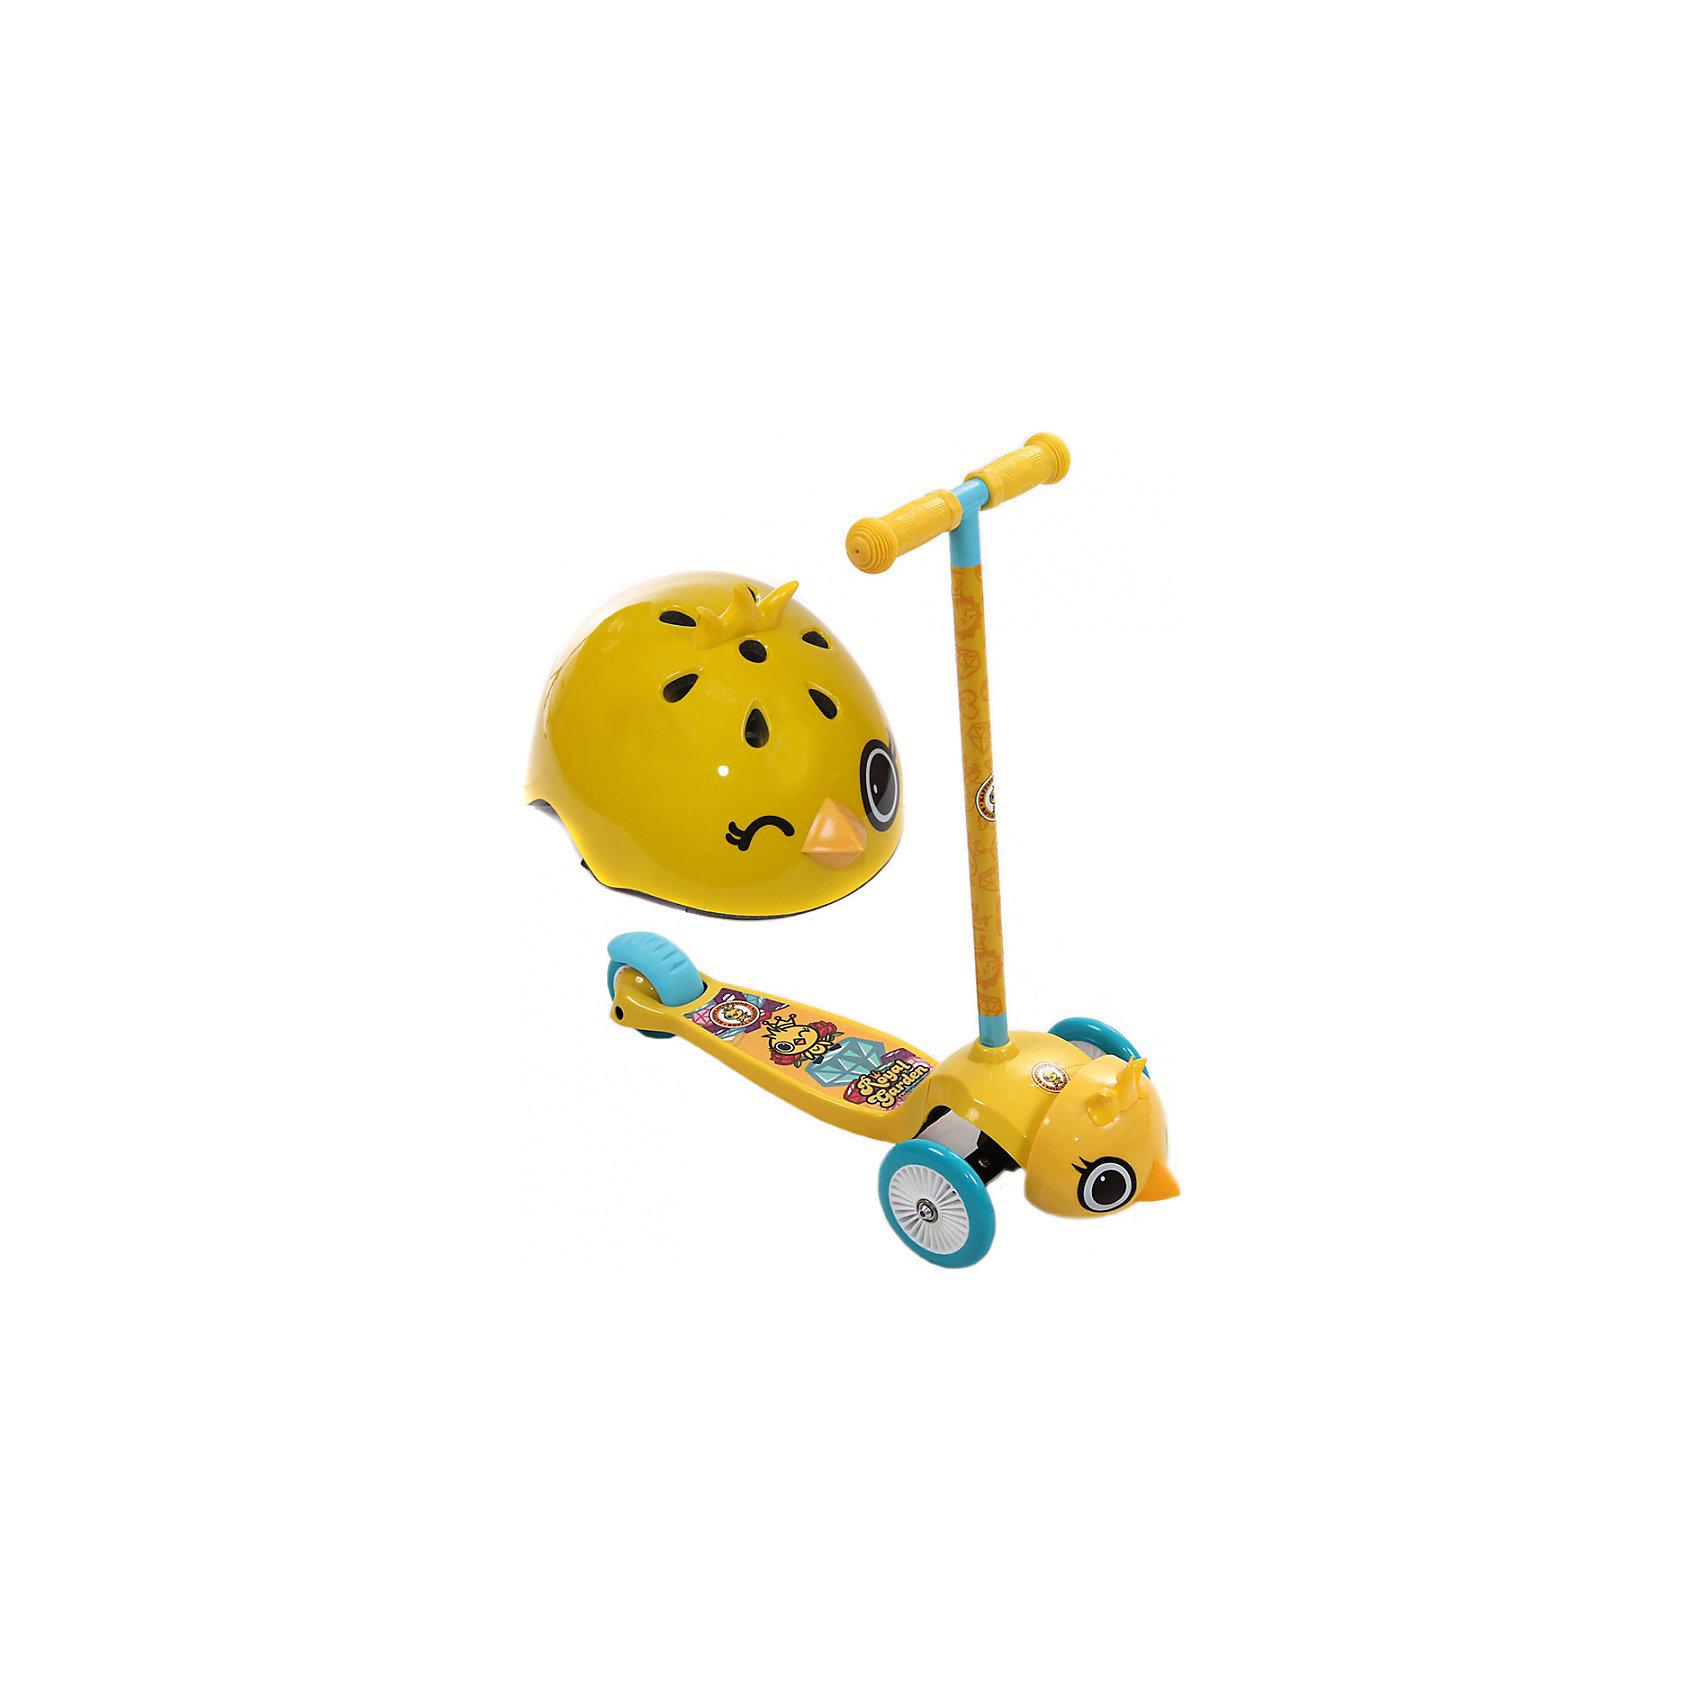 Самокат трехколесный Цыпленок Янни, желтый, REXCO